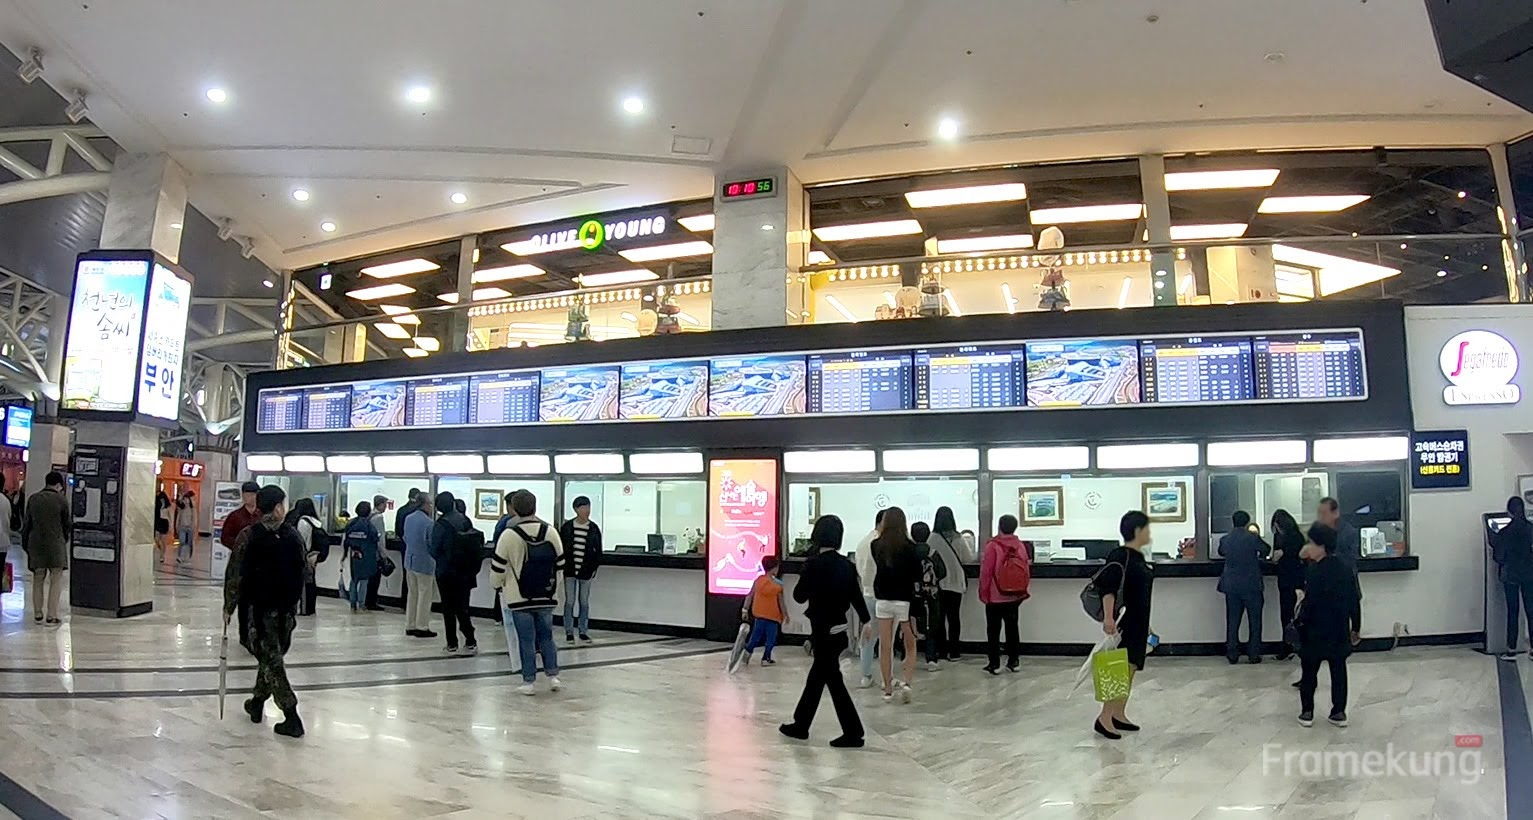 Central City Terminal Ticket Booth (Korea)